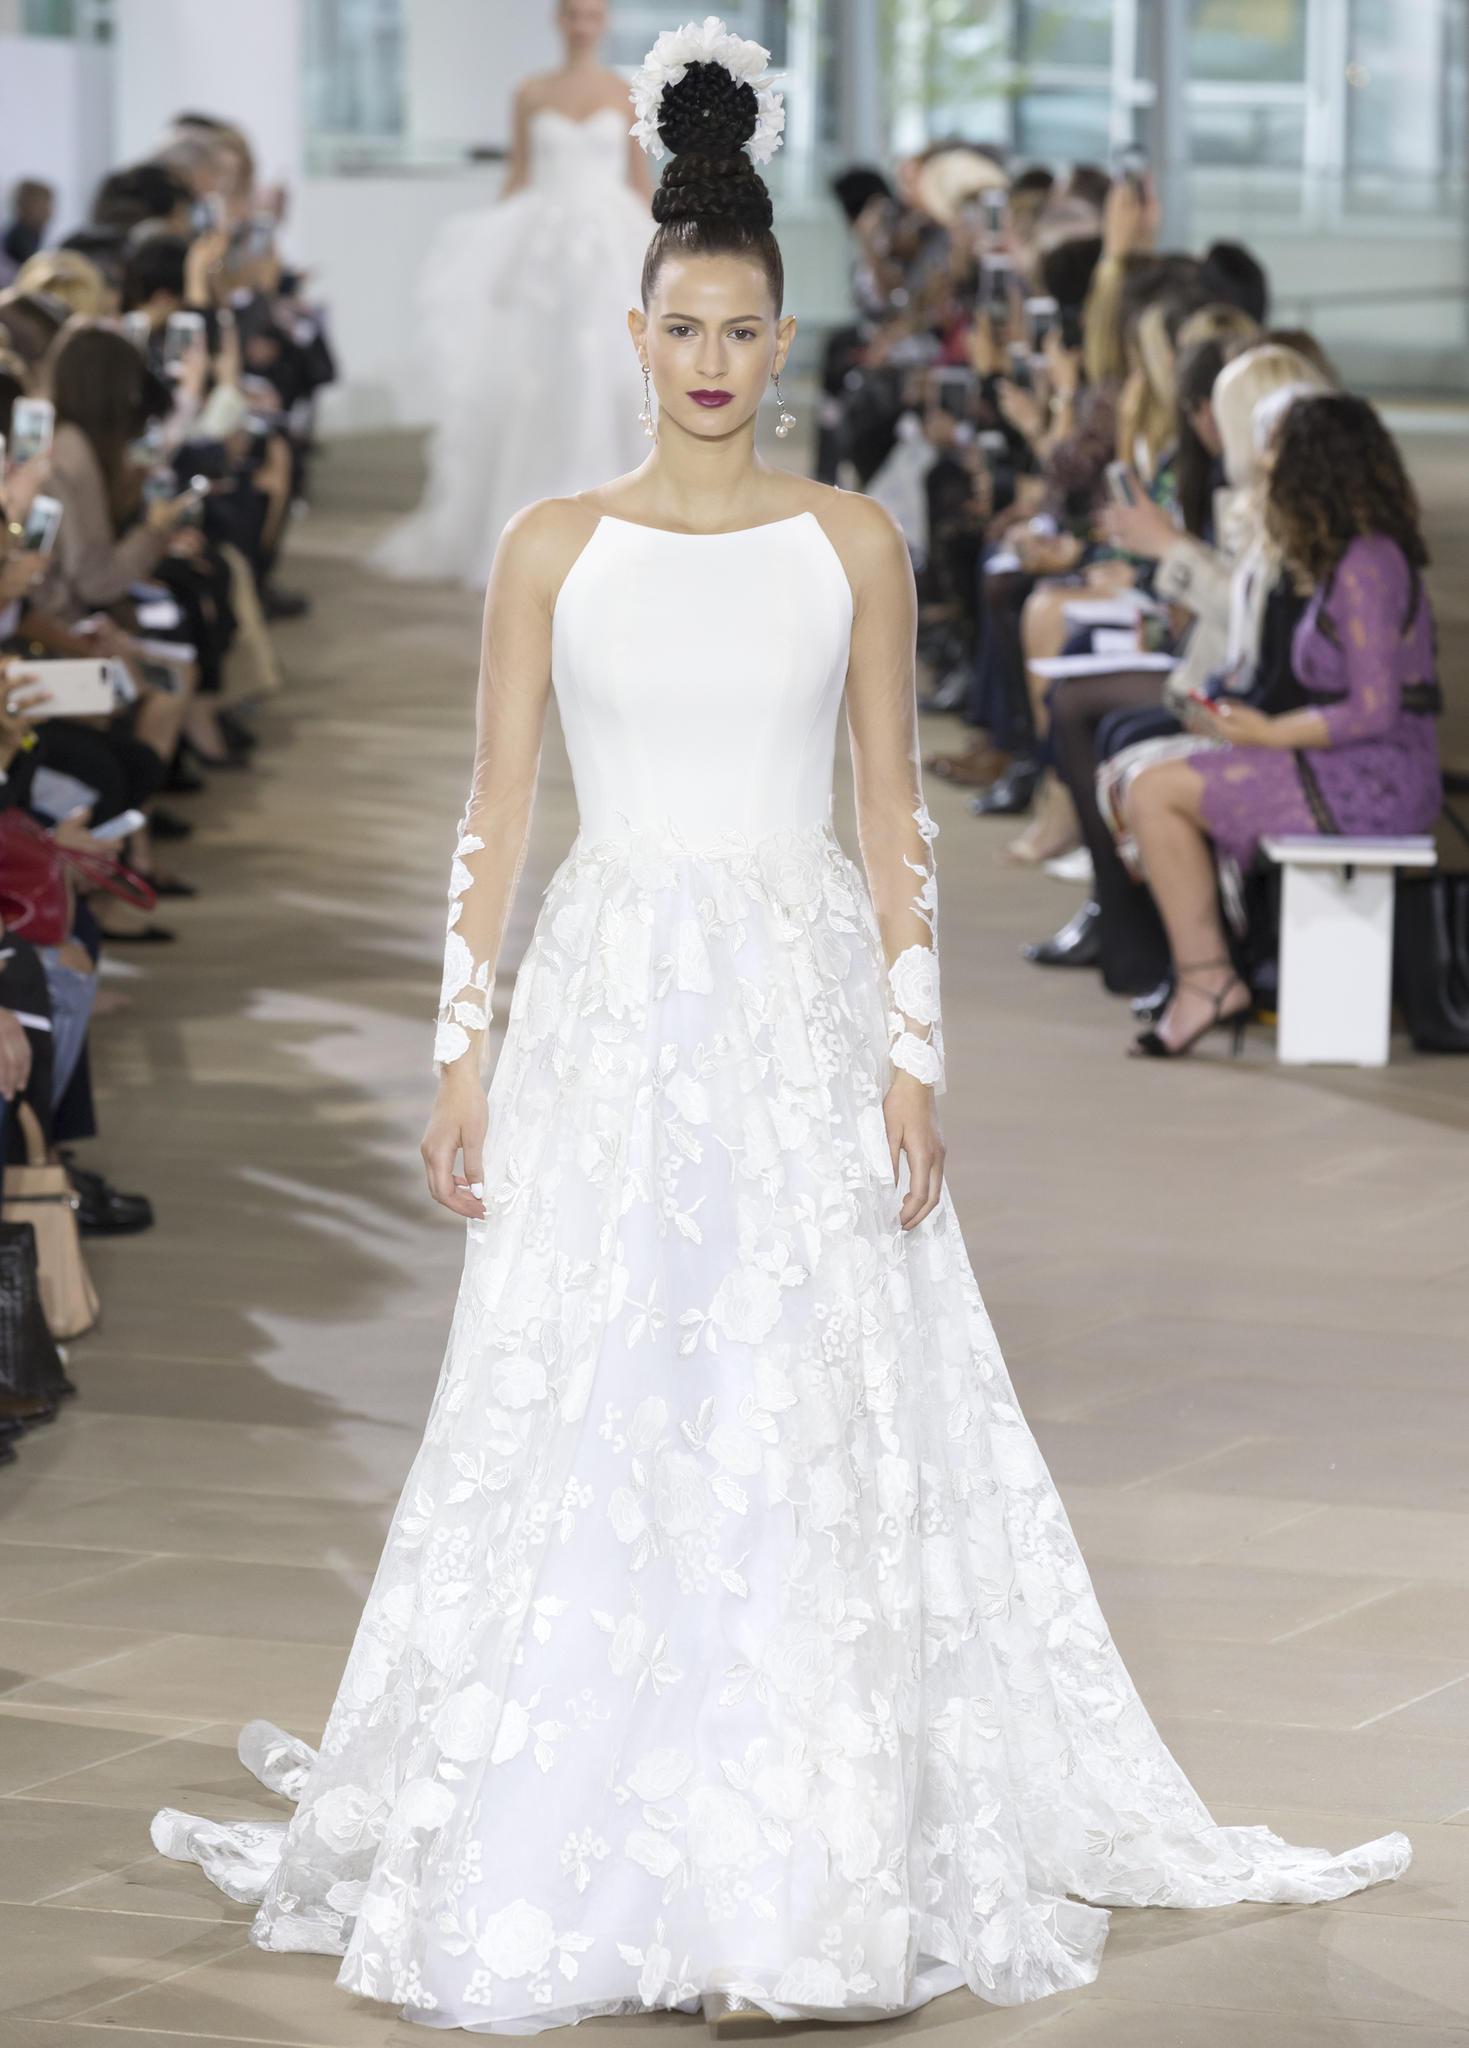 Frau im weißen Kleid